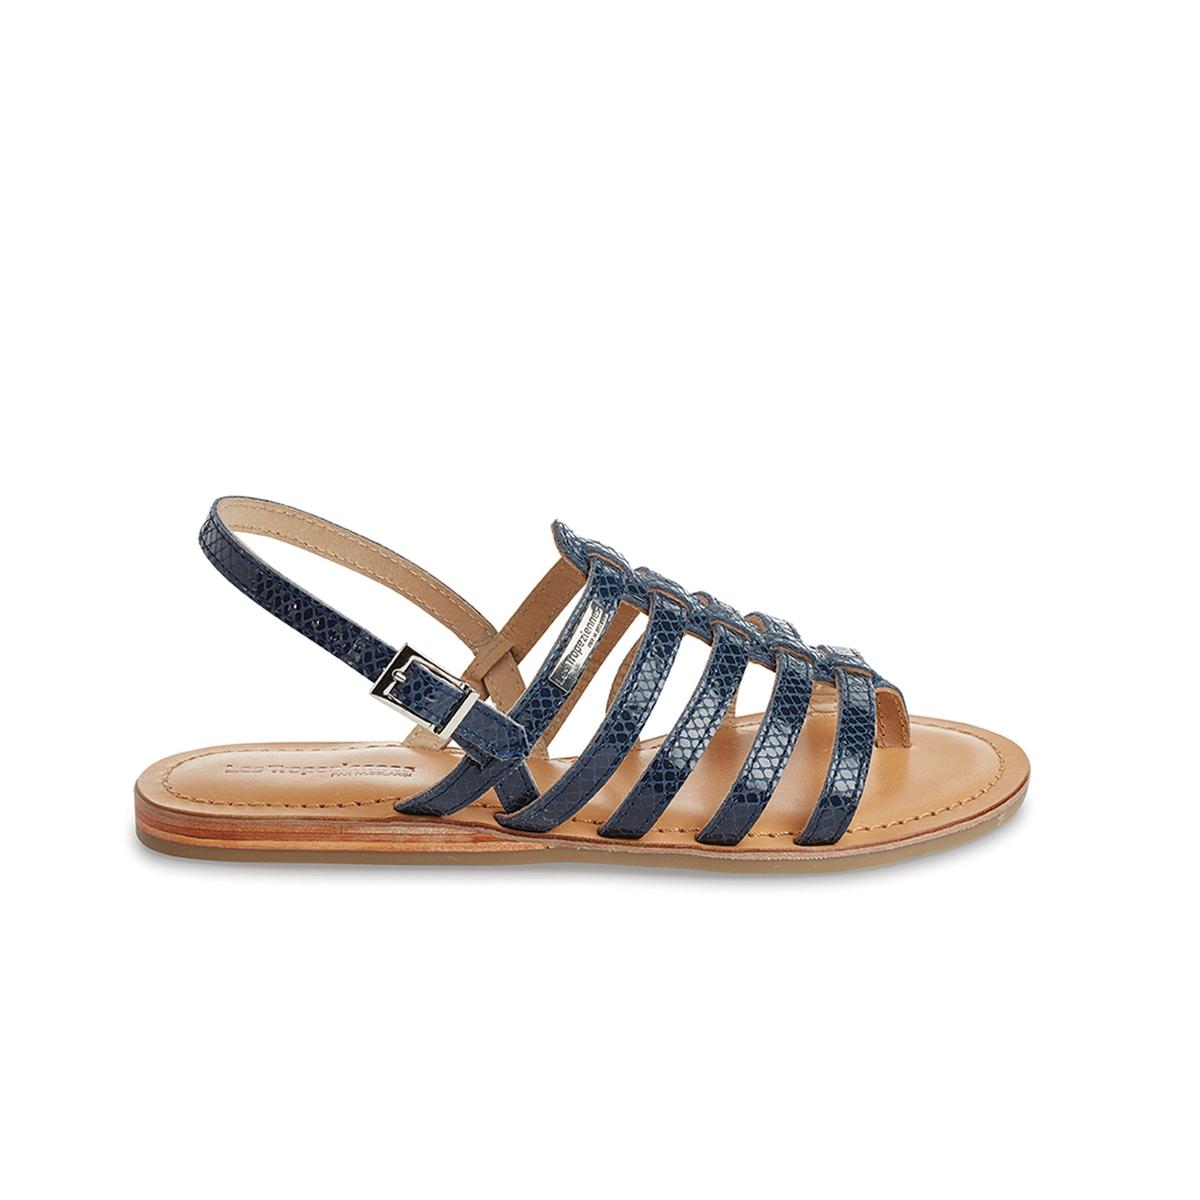 Босоножки Heripo, с многочисленными ремешками, с перемычкой между пальцами, из кожиЛаконичные и ультра женственные, они деликатно обхватывают ногу благодаря множеству ремешков и перемычке между пальцами - в греческом стиле... Восхитительны в ансамблях с шортами и короткими платьями...<br><br>Цвет: синий морской<br>Размер: 37.41